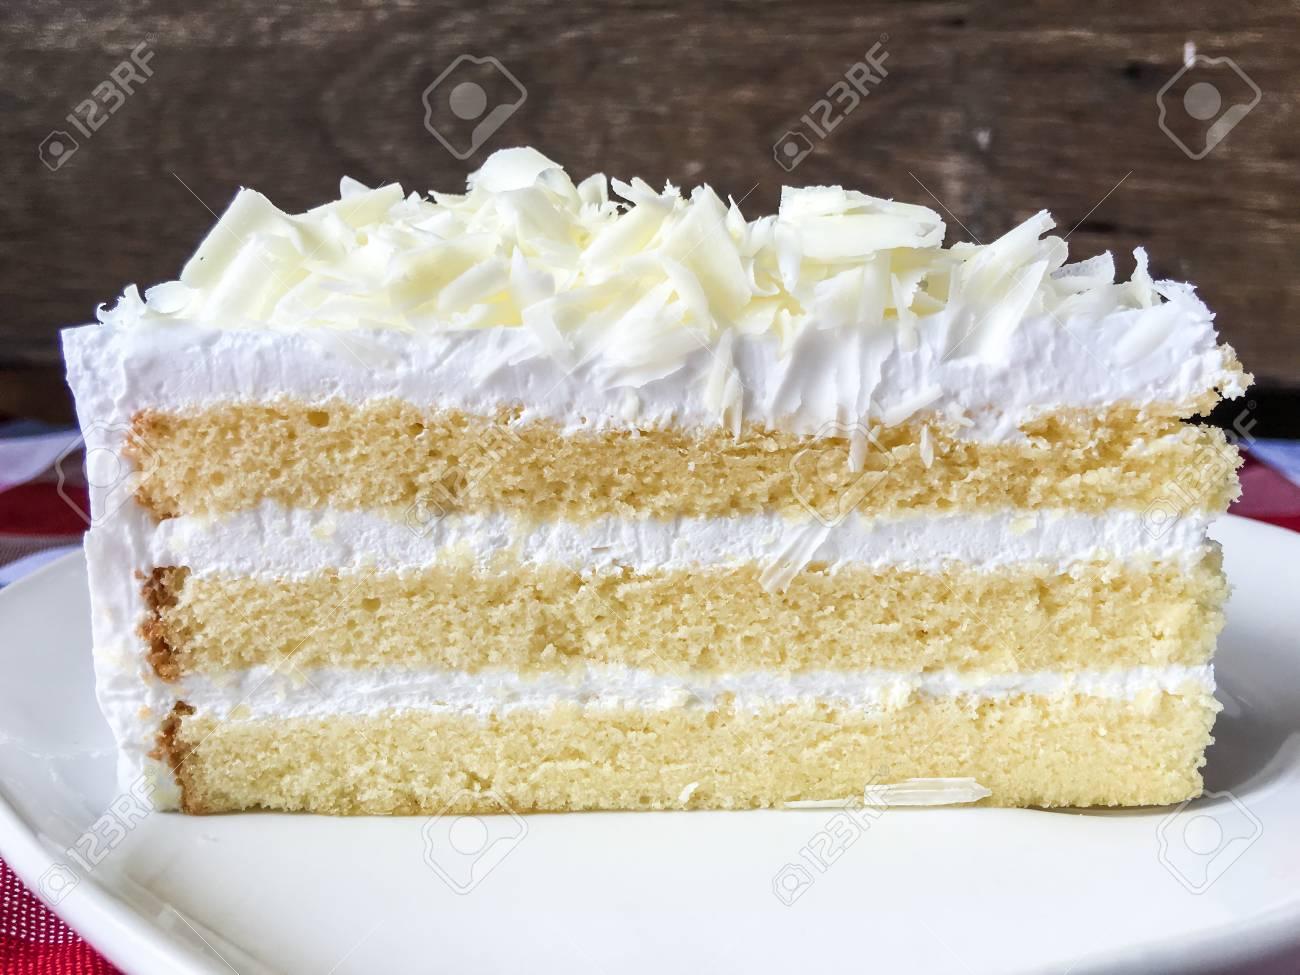 Weisse Schokoladenkuchen Auf Weissem Teller Auf Tischdecke Kariert